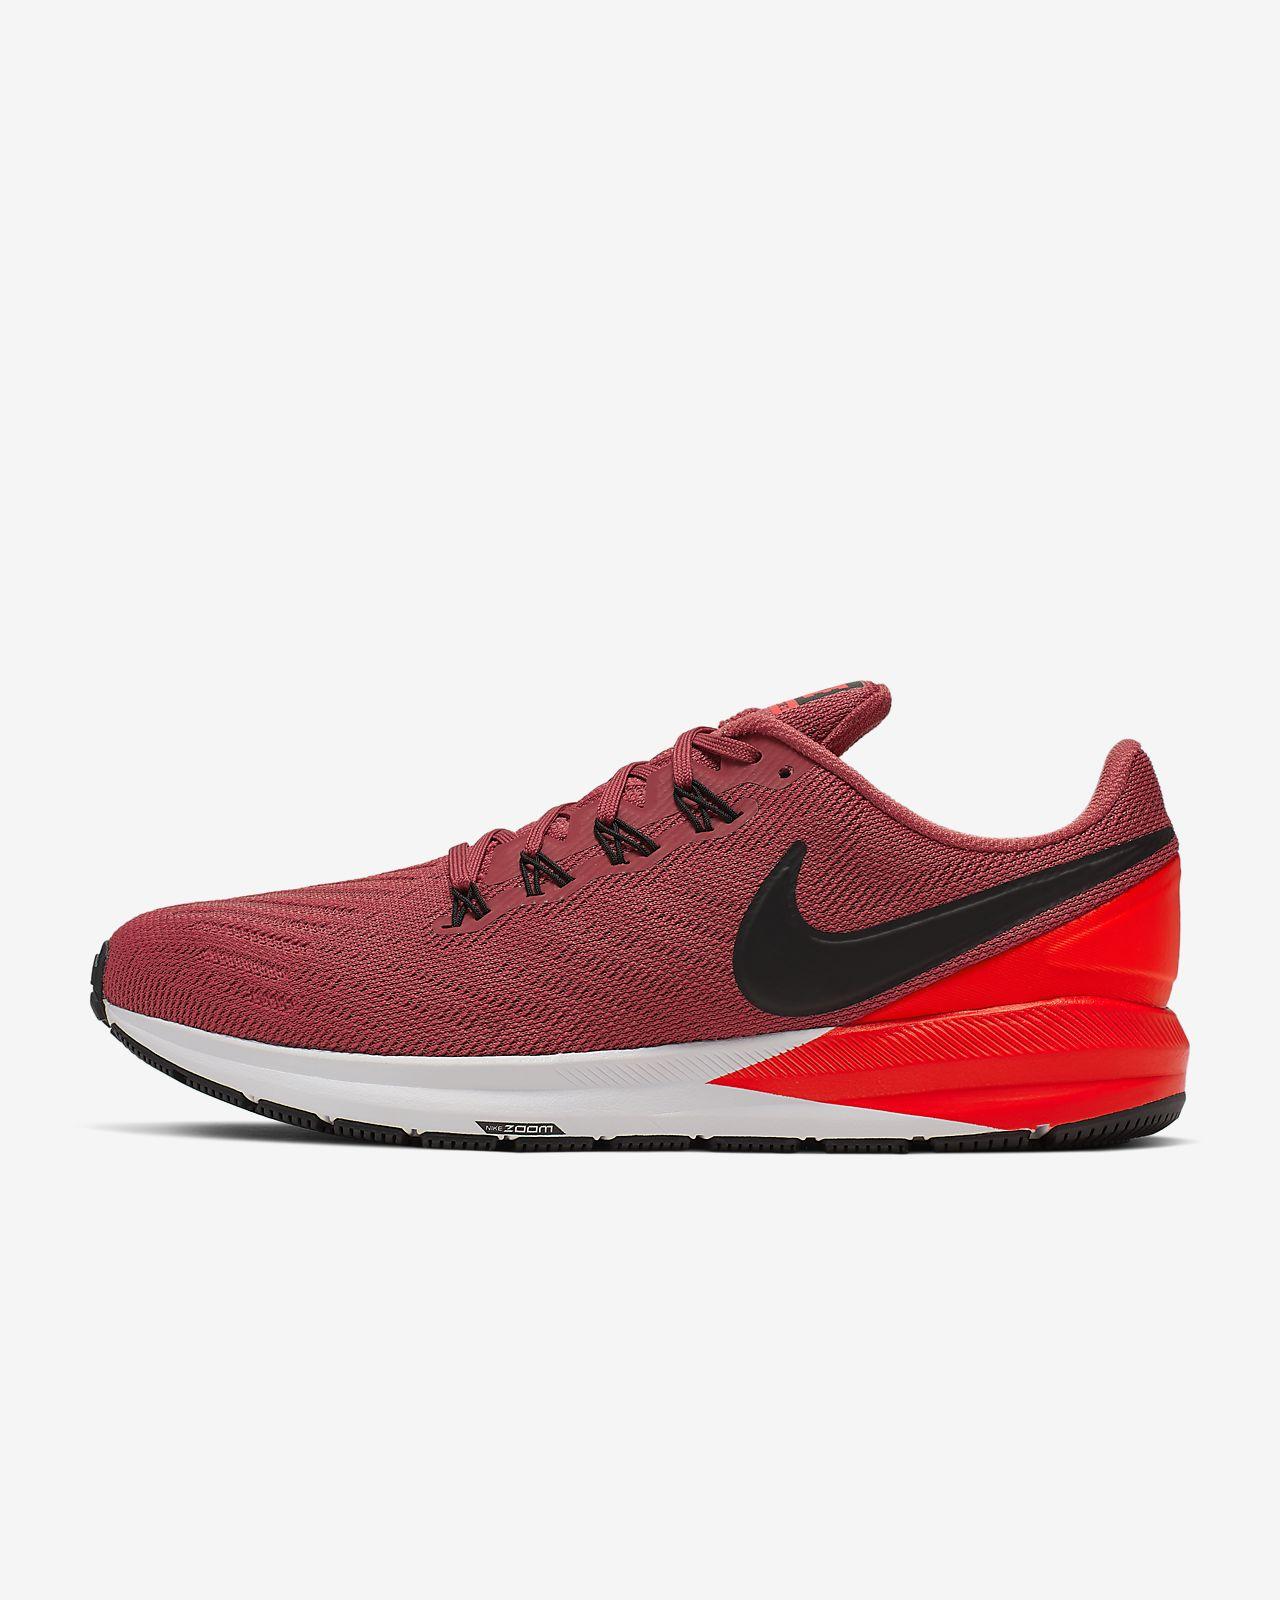 Ανδρικό παπούτσι για τρέξιμο Nike Air Zoom Structure 22